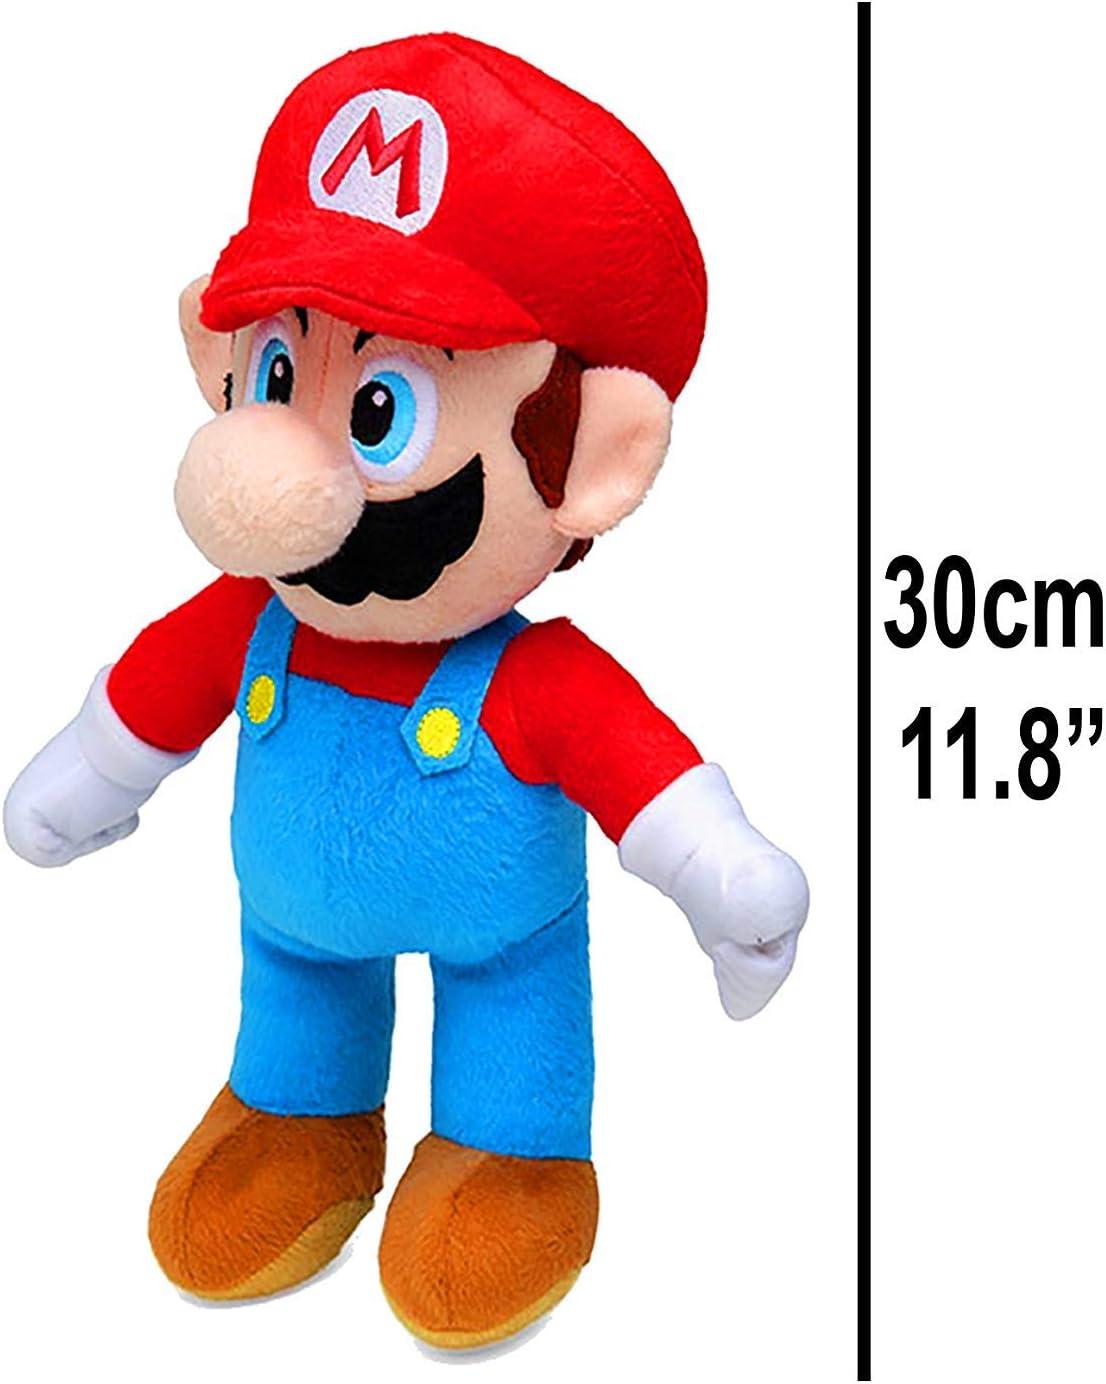 Super Mario (30cm) y Yoshi (27cm) ¡Peluche, Juguetes Suaves, Original, 2 Caracteres Disponibles! (Super Mario_Plush_30cm): Amazon.es: Juguetes y juegos